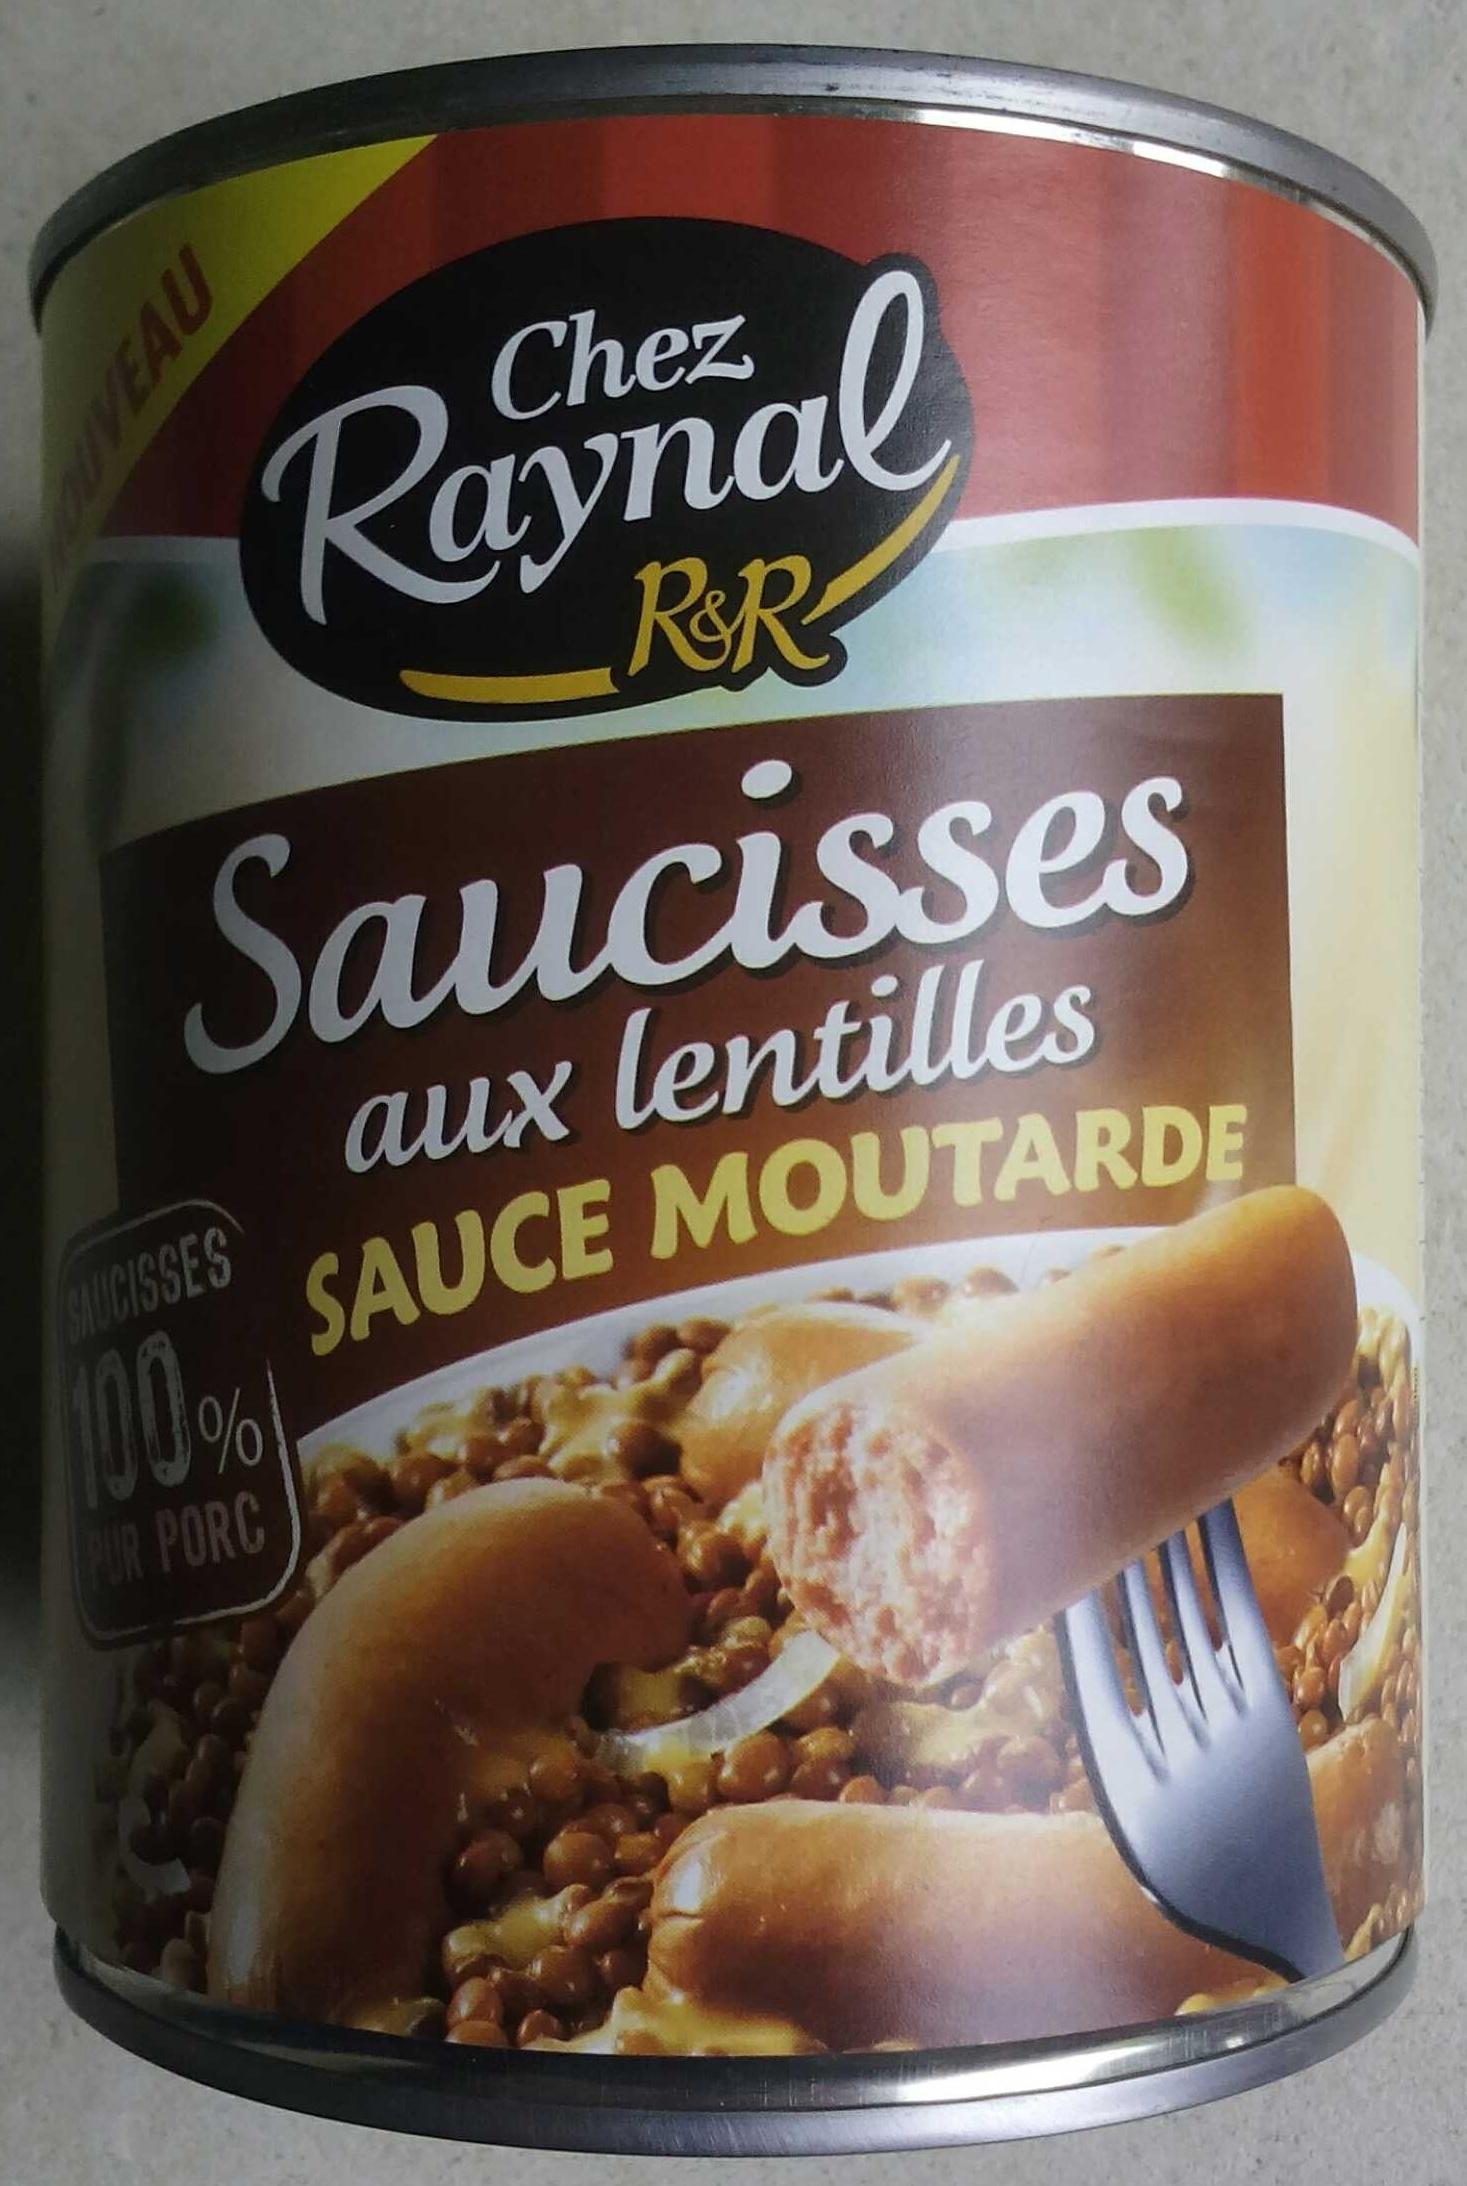 Saucisses aux lentilles sauce moutarde - Produit - fr